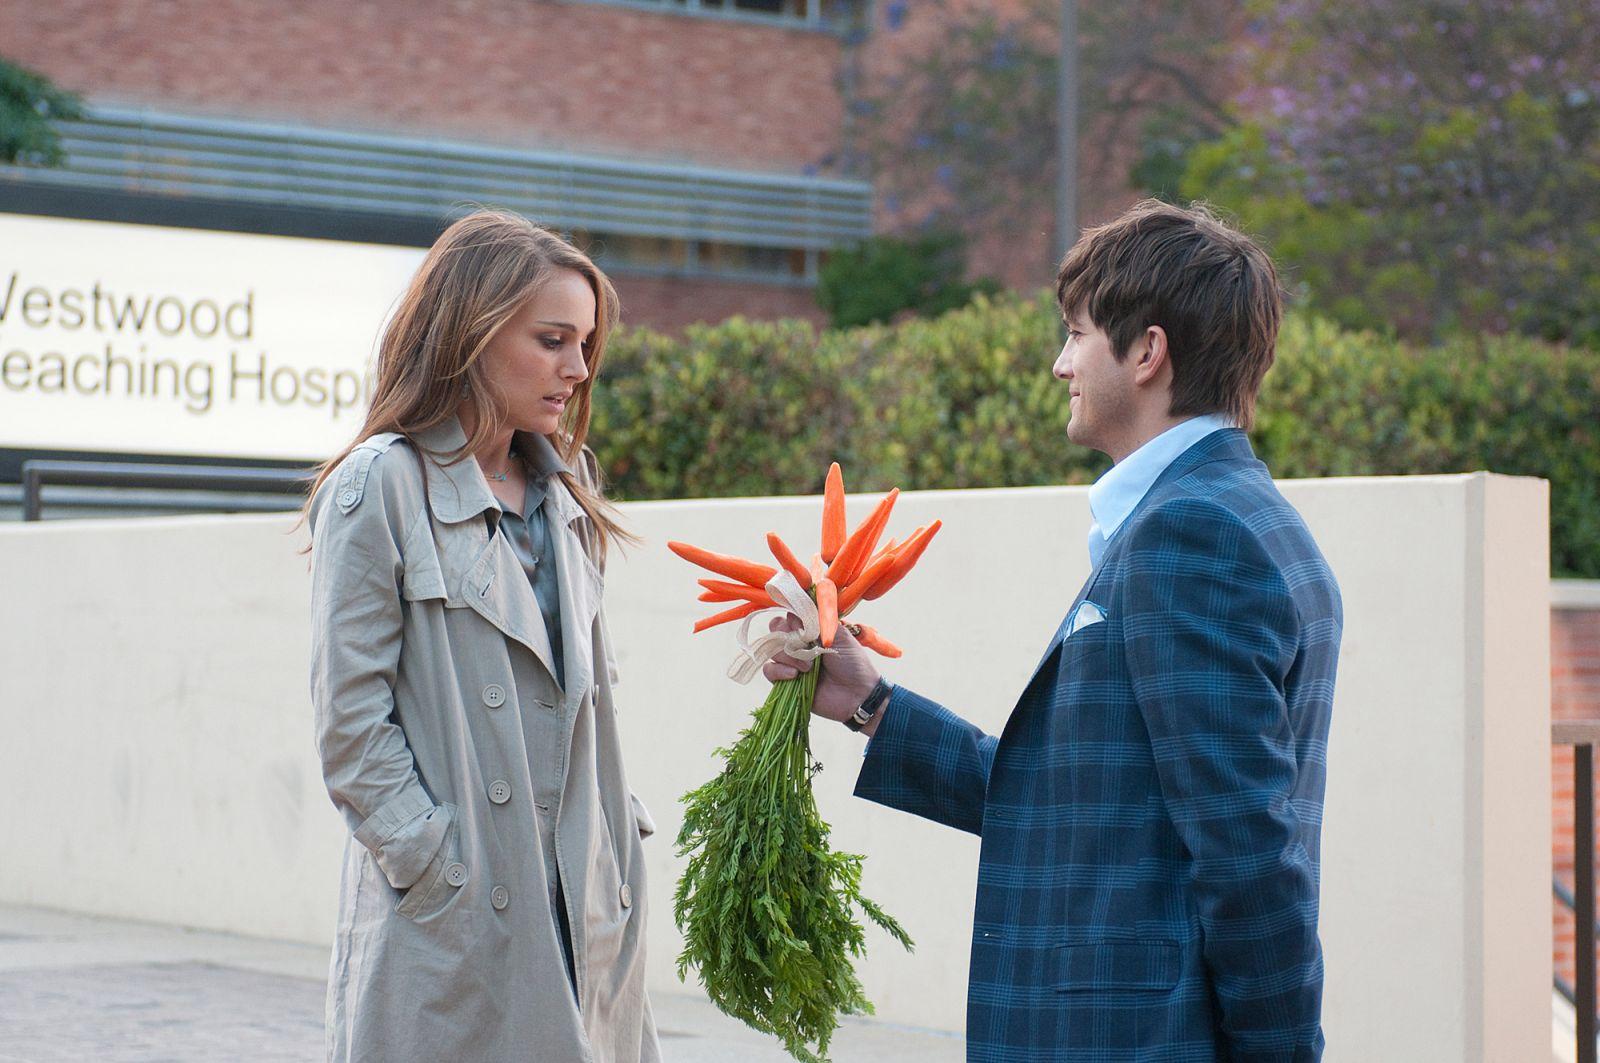 Uma mulher interpretada por Natalie Portman, com cara de surpresa, recebe um buquê de cenouras de um moço feliz, interpretado por Ashton Kutcher